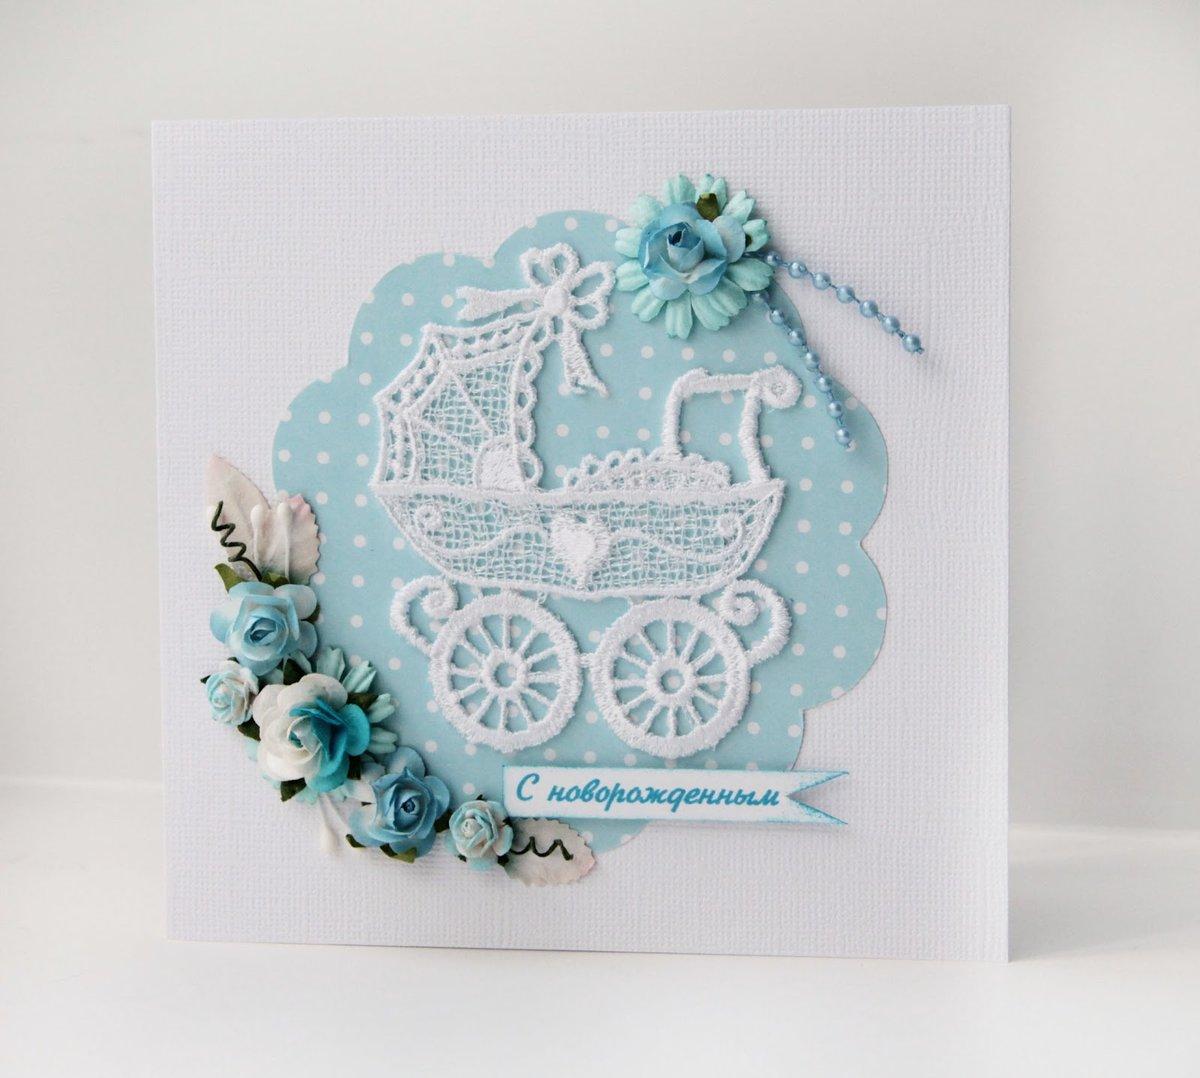 Делаем открытку с новорожденным